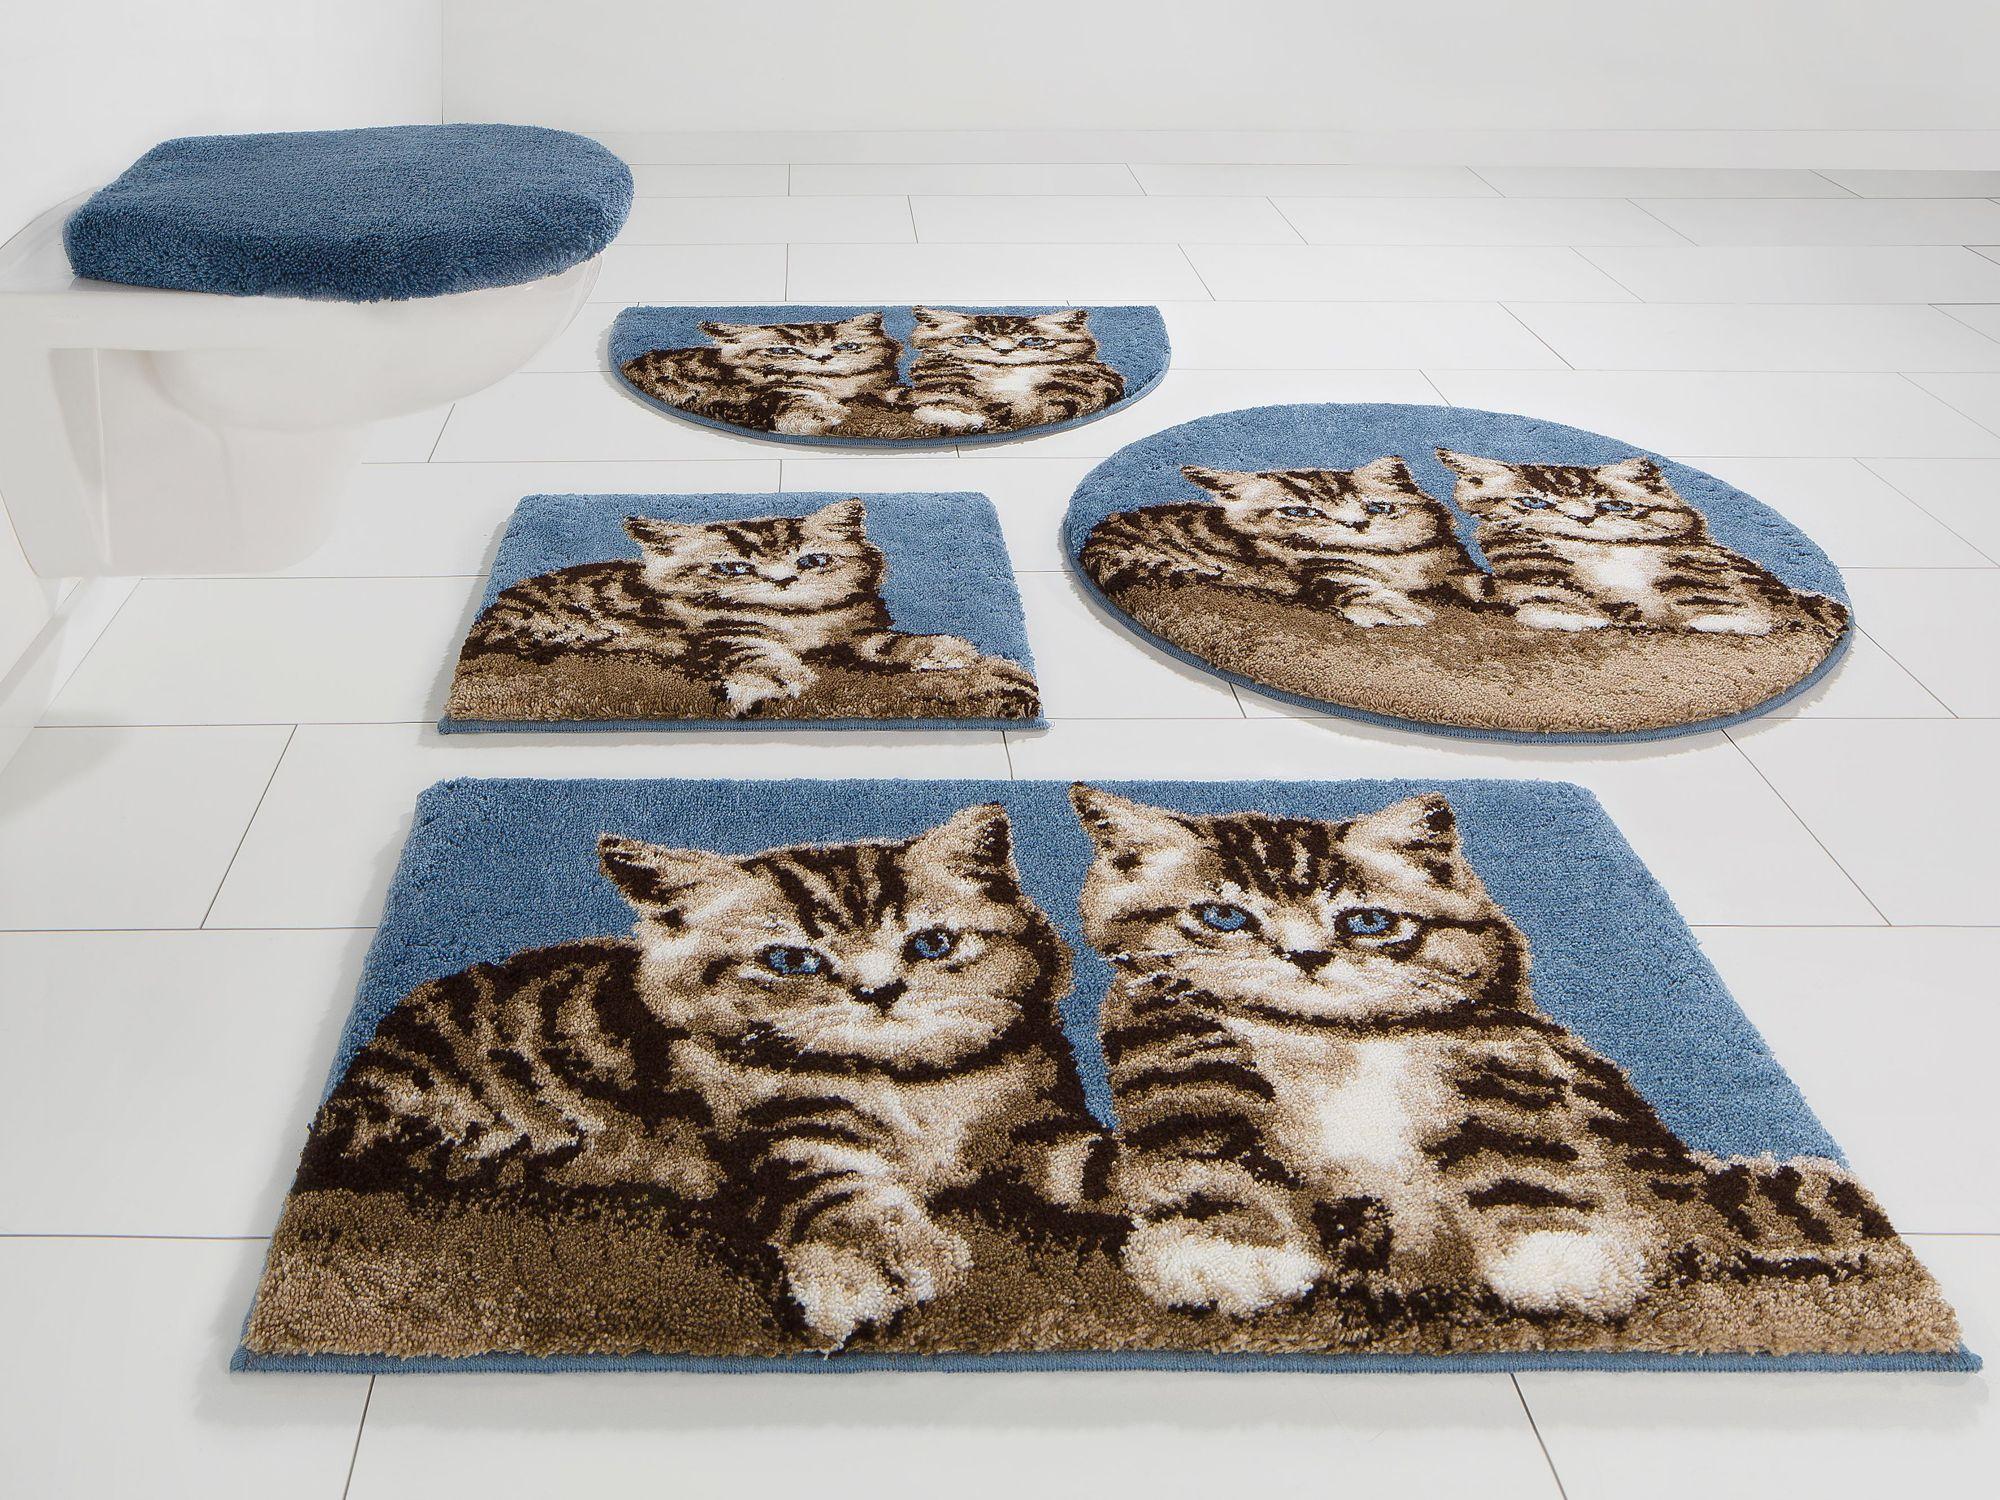 GRUND Badematte, 3-tlg. Hänge WC-Set, , »Katze«, Höhe 20 mm, rutschhemmender Rücken